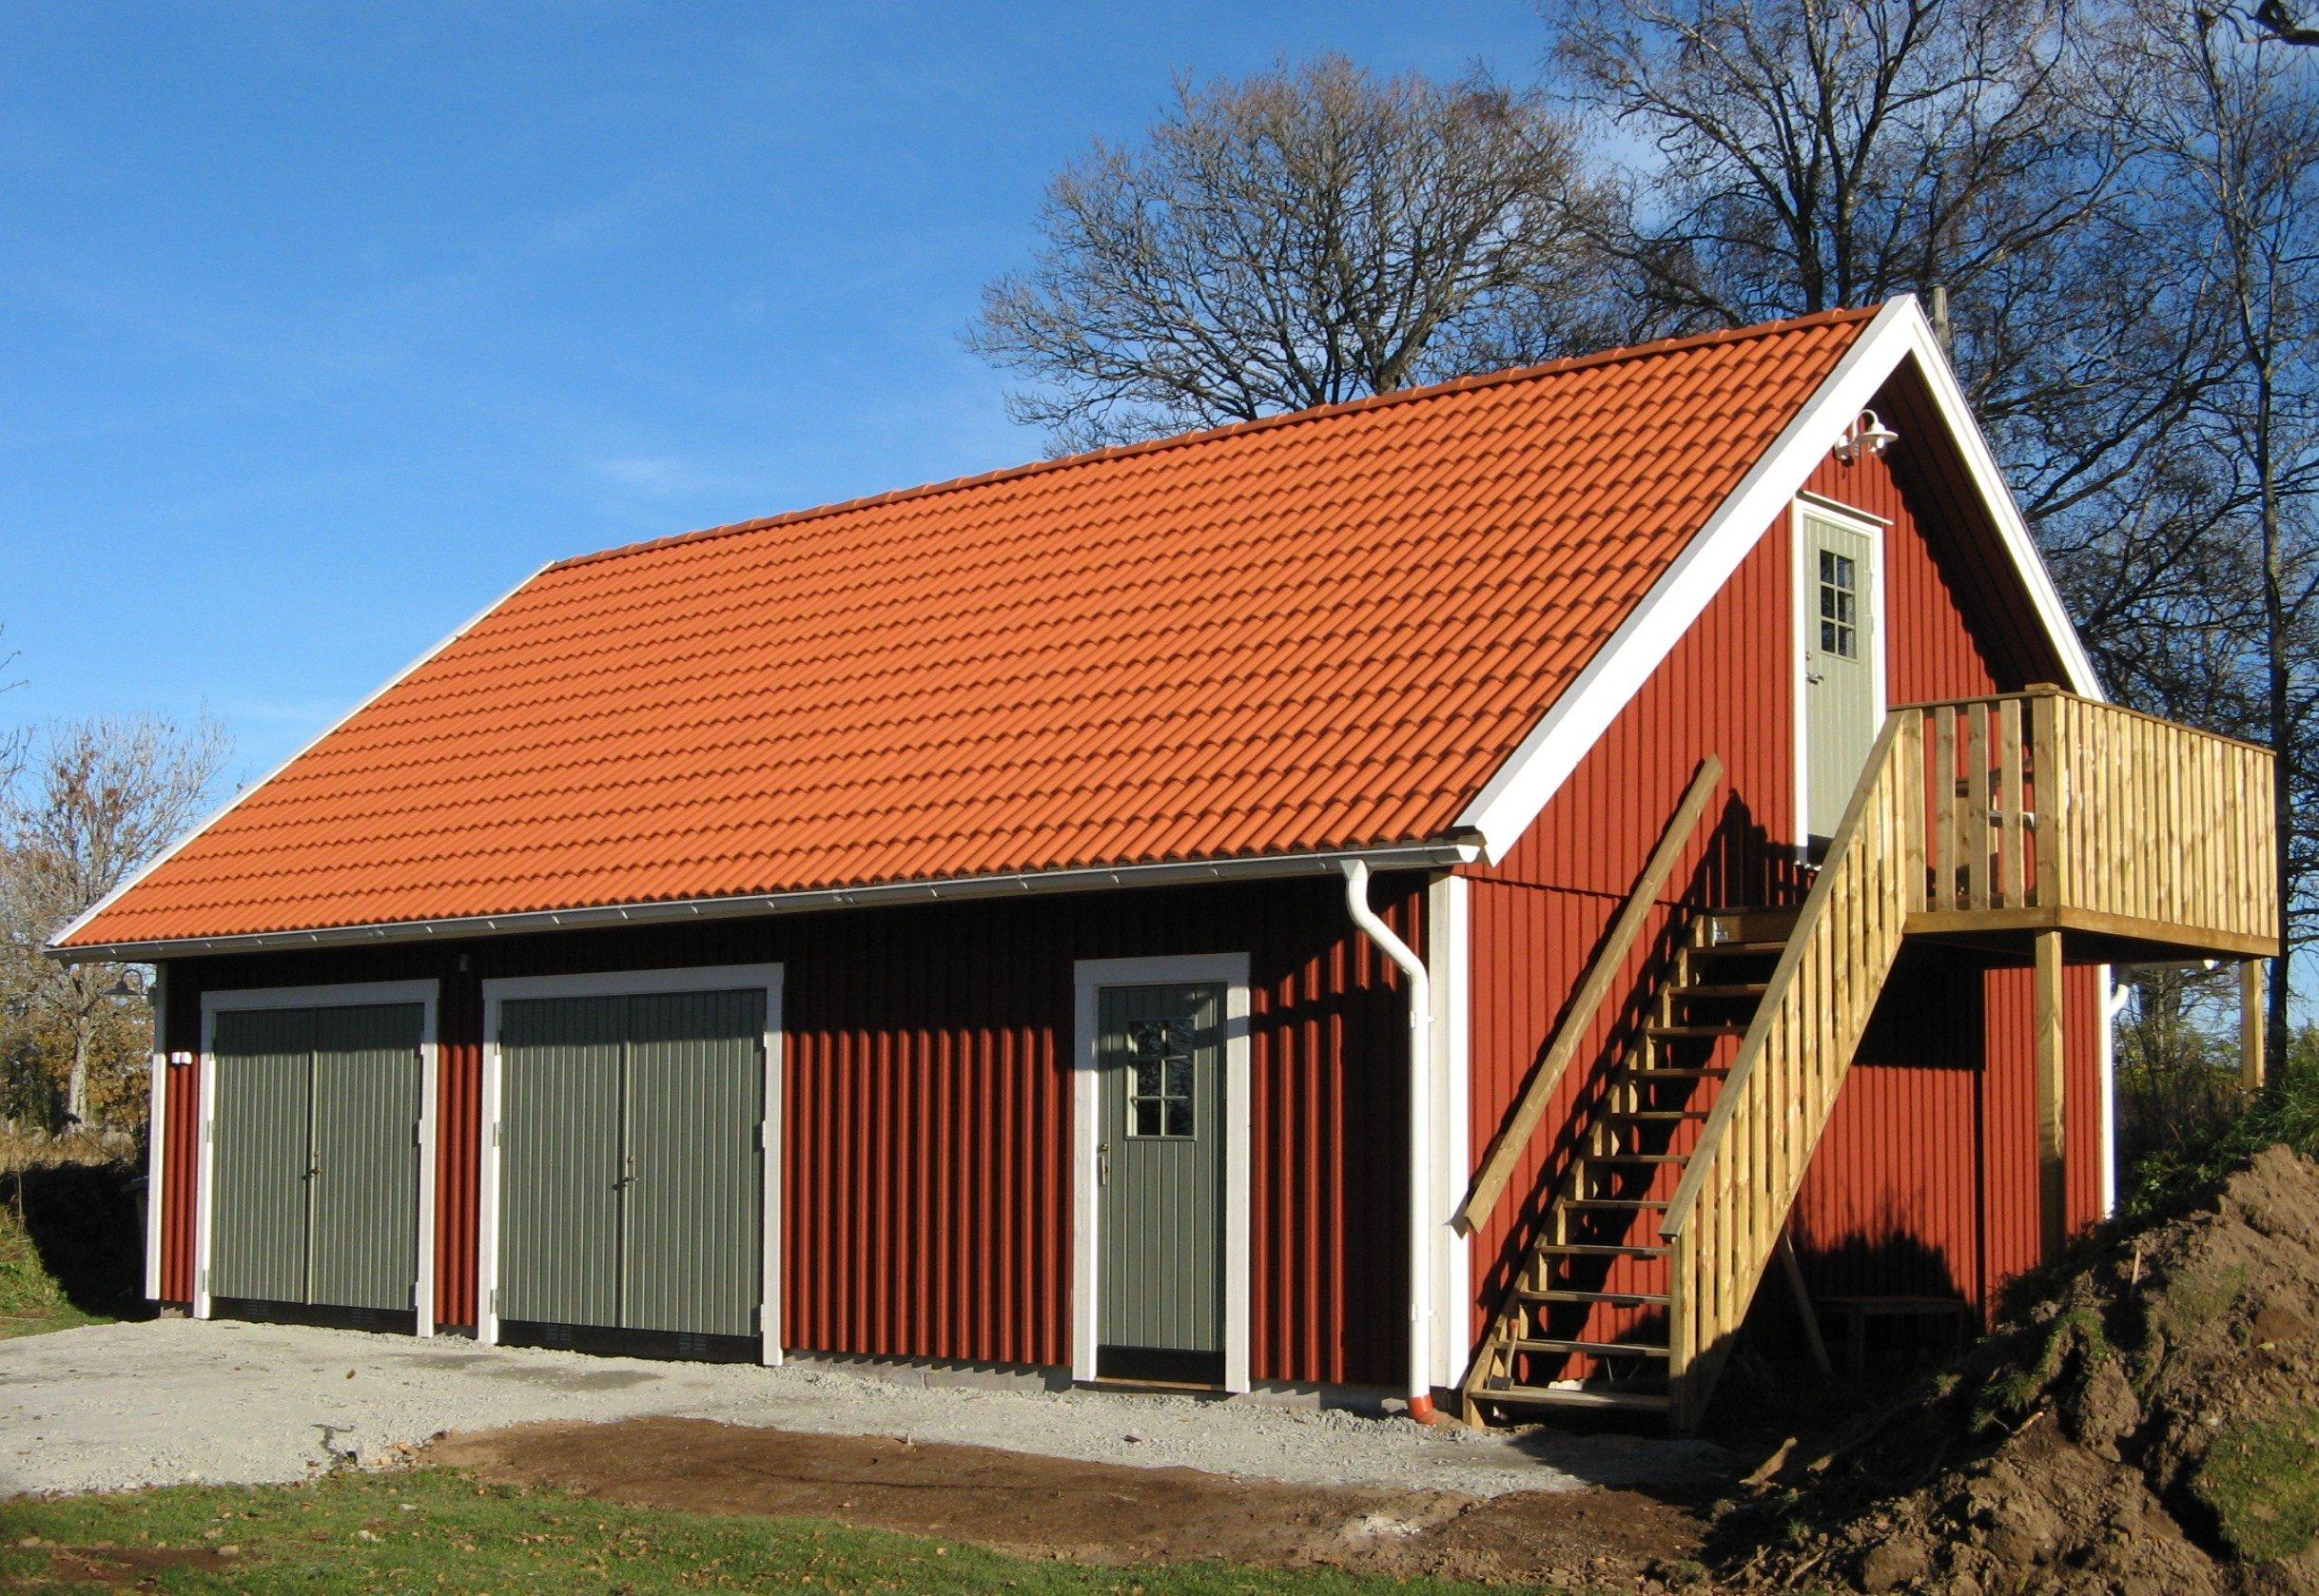 Hytte Byg 10 M2 Hytte Paa En Dag further Plan details also 154529830940777954 furthermore Detail moreover Garage. on carport with loft